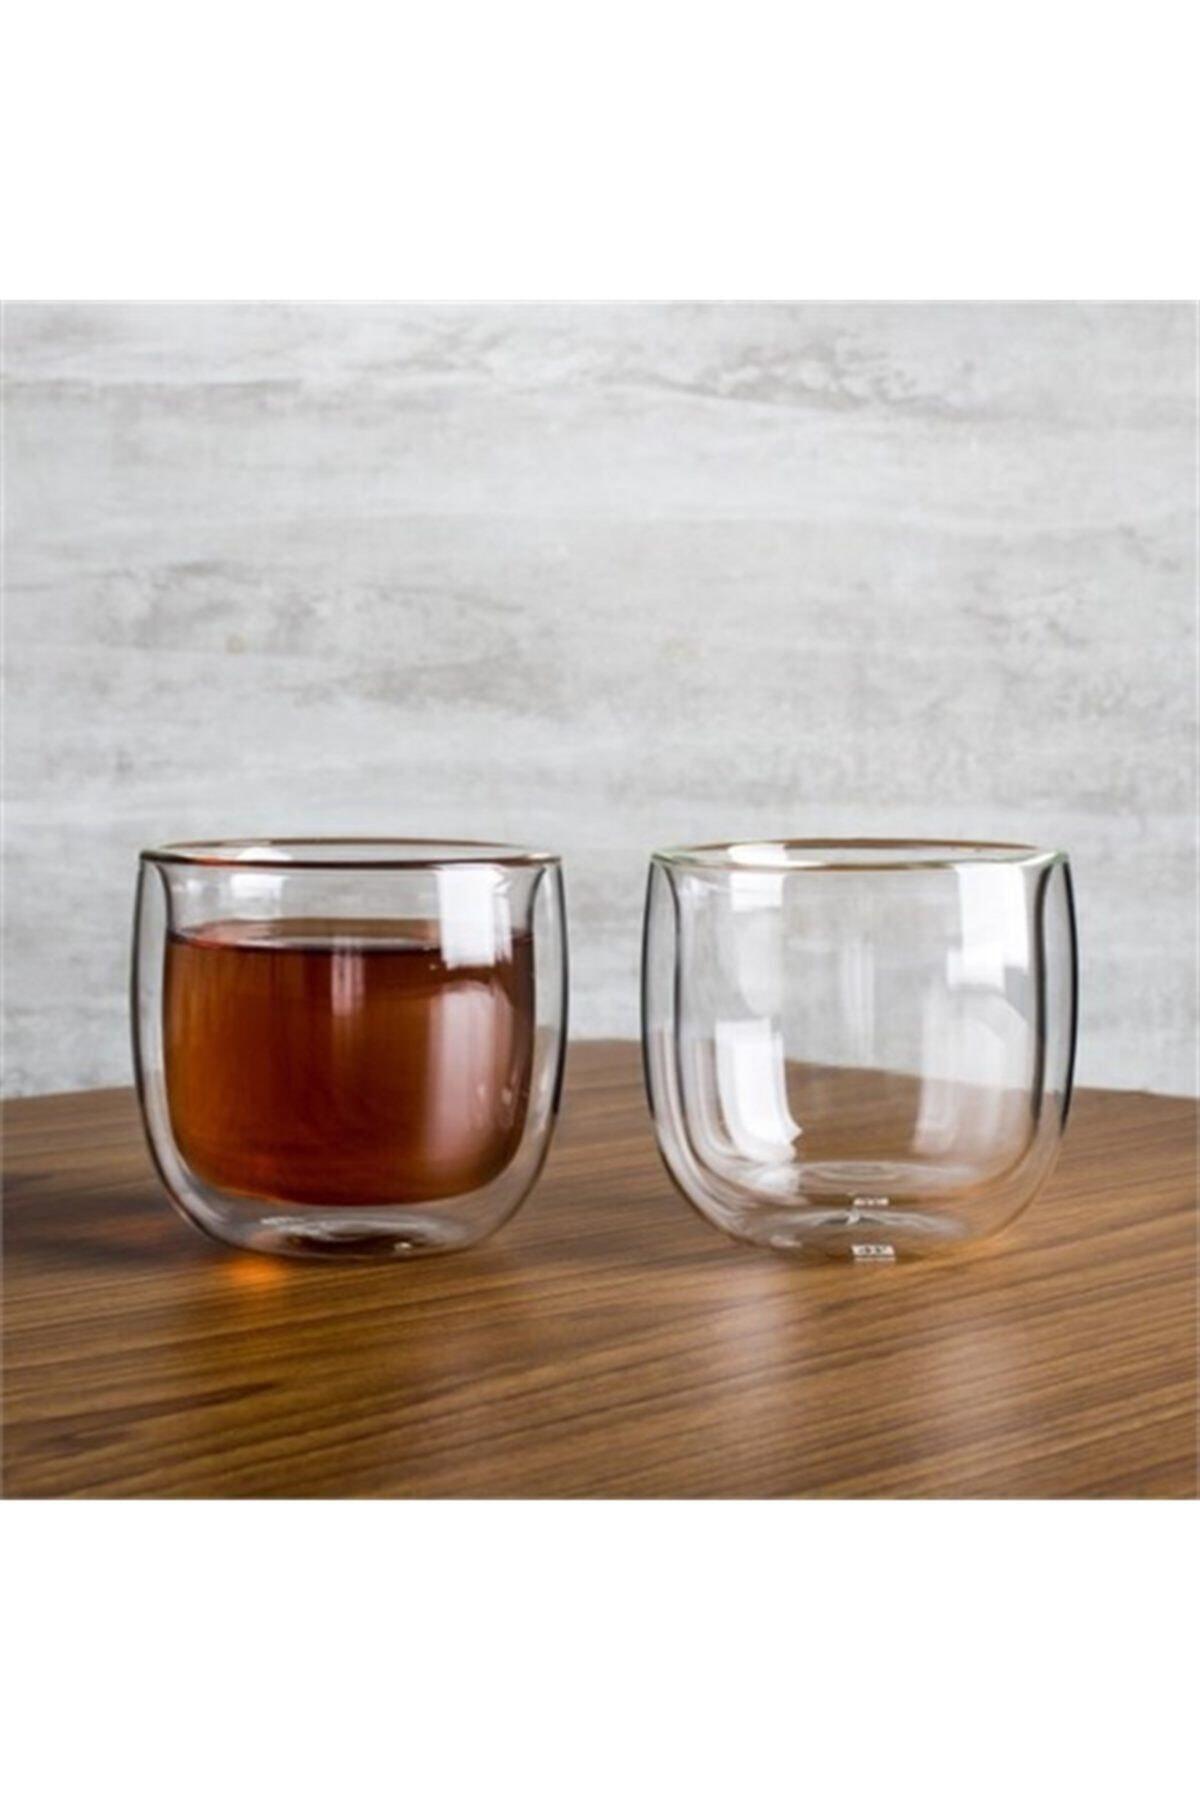 ZWILLING Sorrento Çift Camlı 2'li Çay Bardağı Seti 240 ml 395000770 2